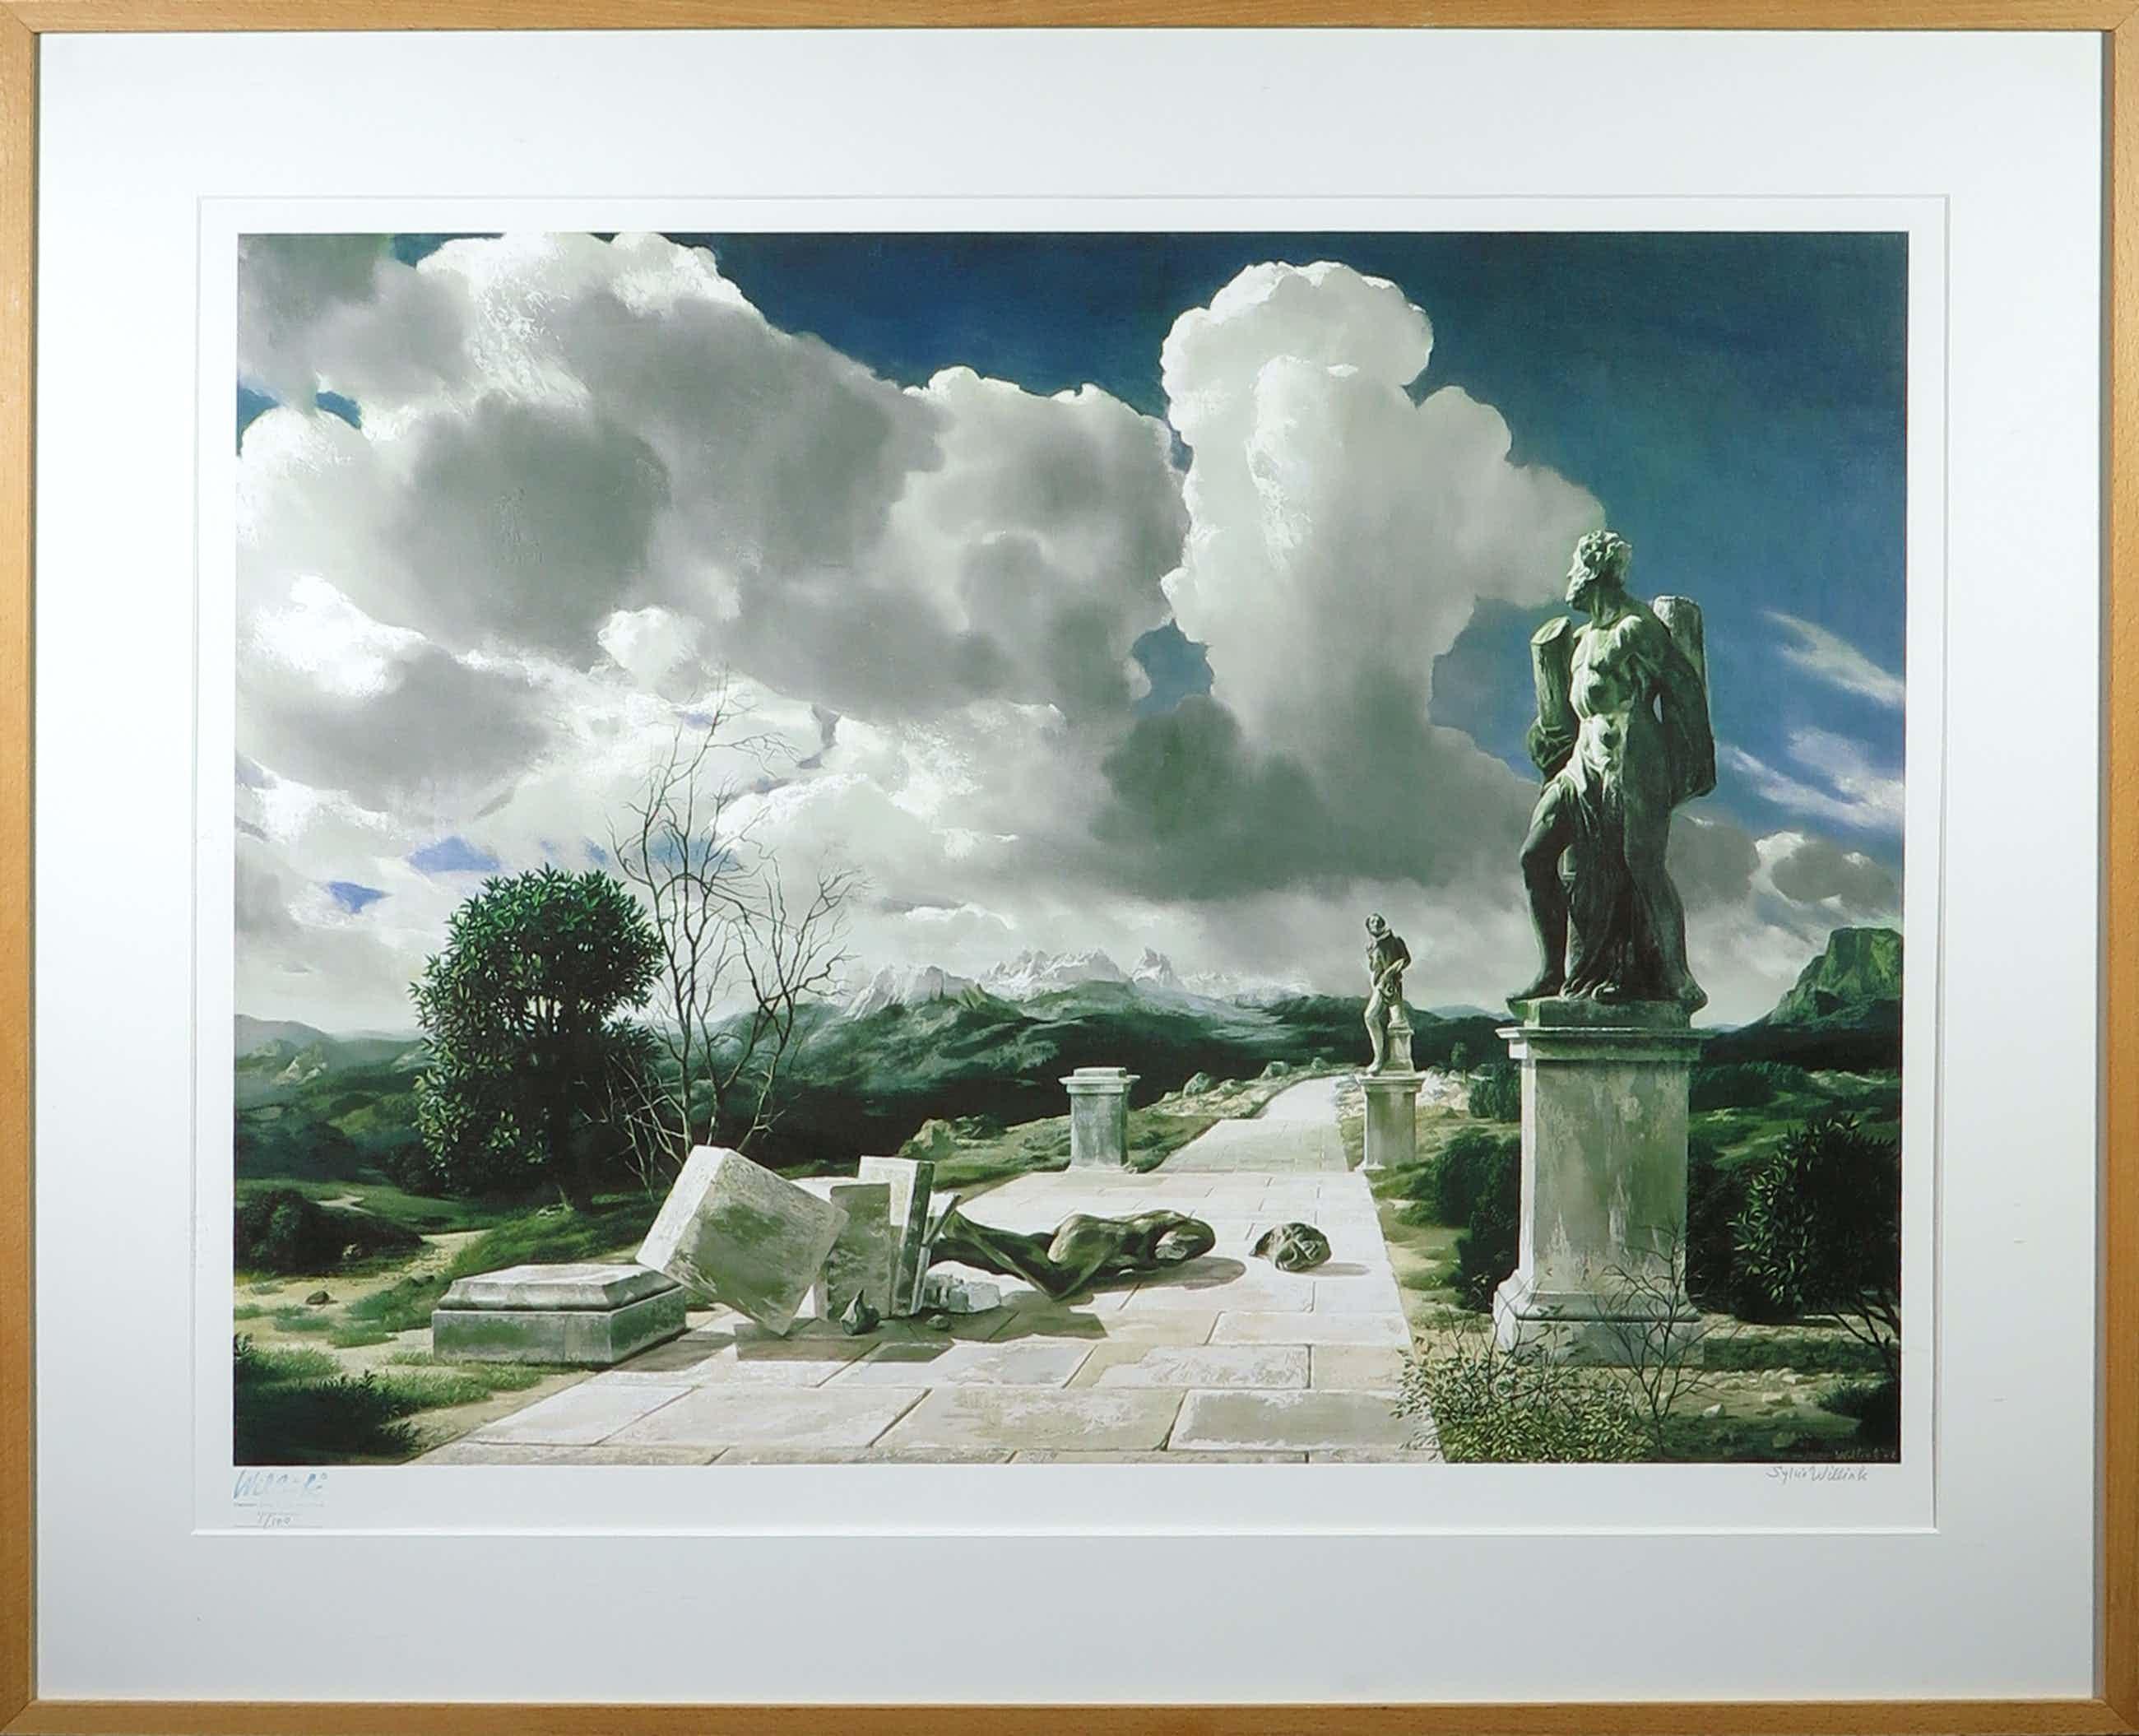 Carel Willink - Litho, Surrealistisch landschap - Ingelijst kopen? Bied vanaf 562!